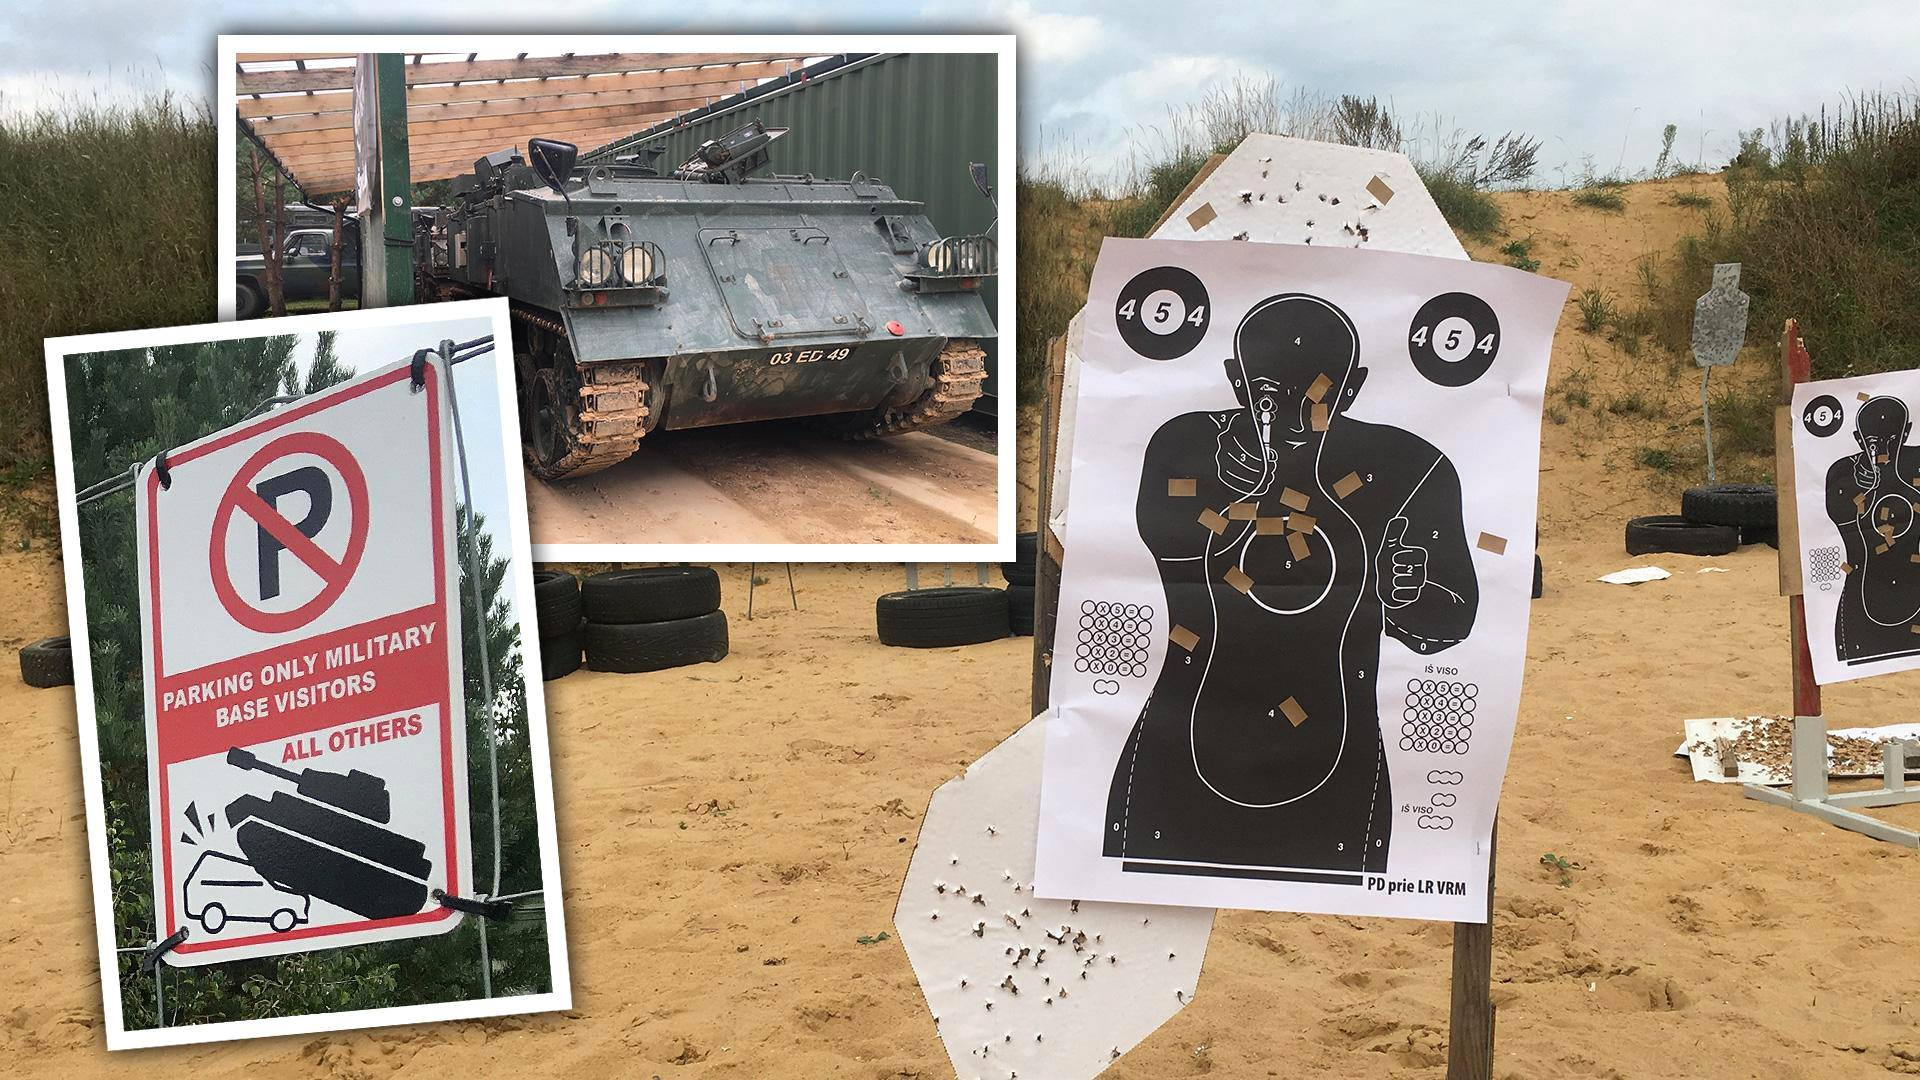 Liettualaisille opetetaan sissi- ja sotilastaitoja leirillä, jossa on muun muassa panssaroituja miehistönkuljetusvaunuja ja harjoitusratoja.